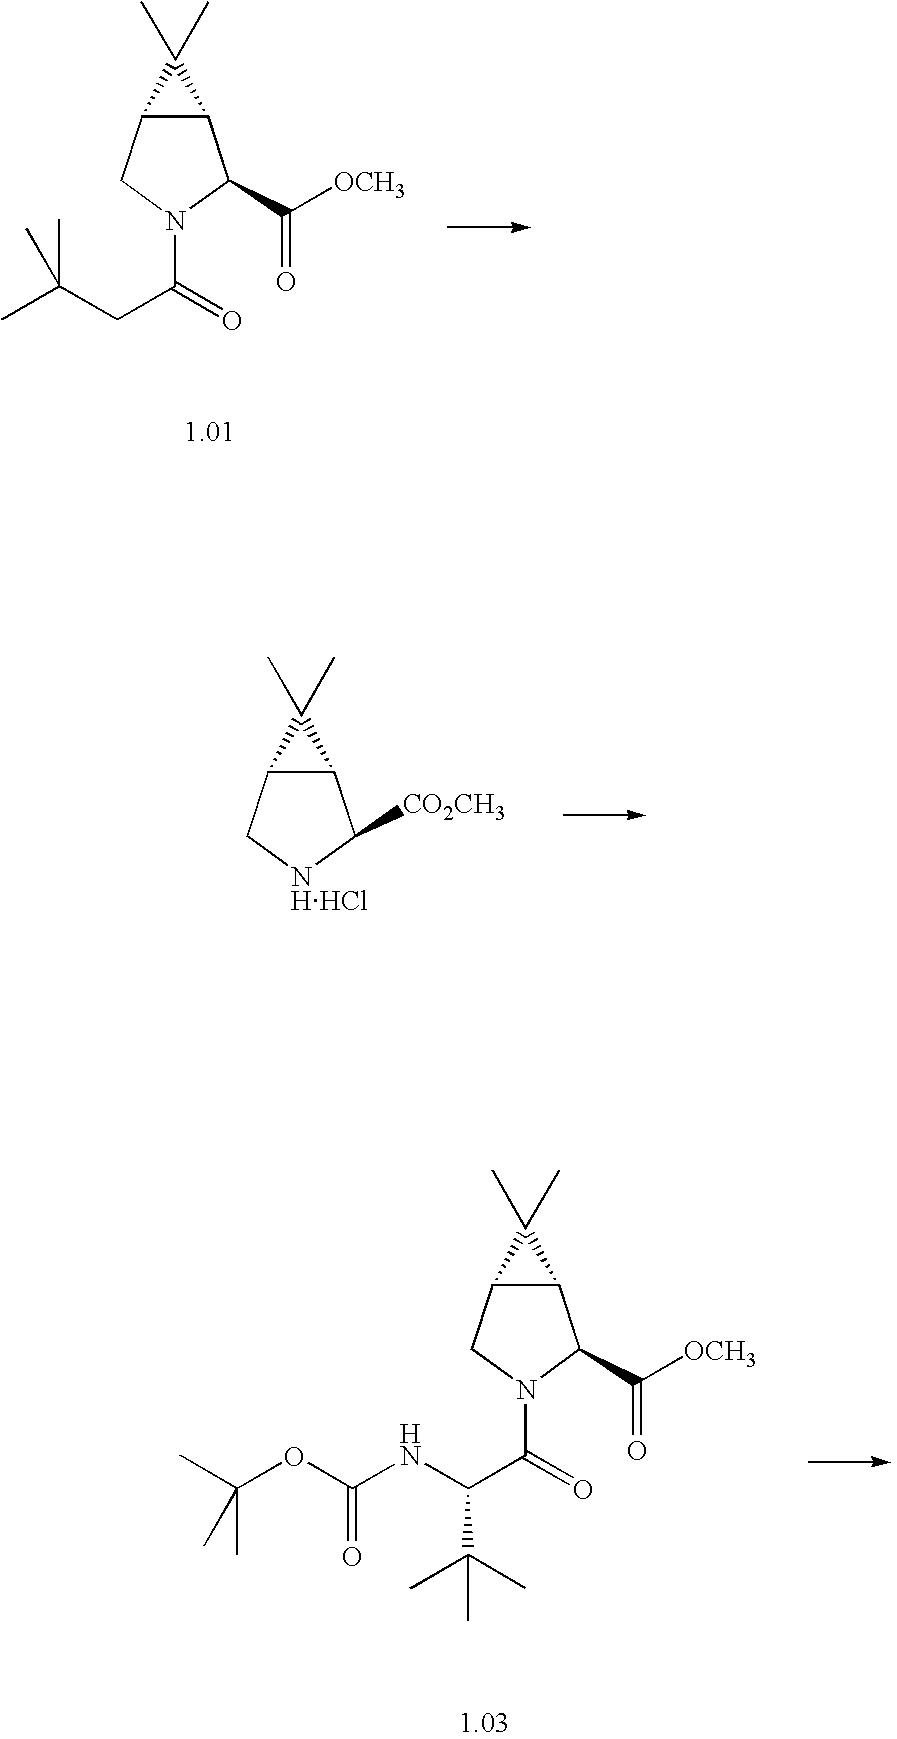 Figure US20060287248A1-20061221-C00602